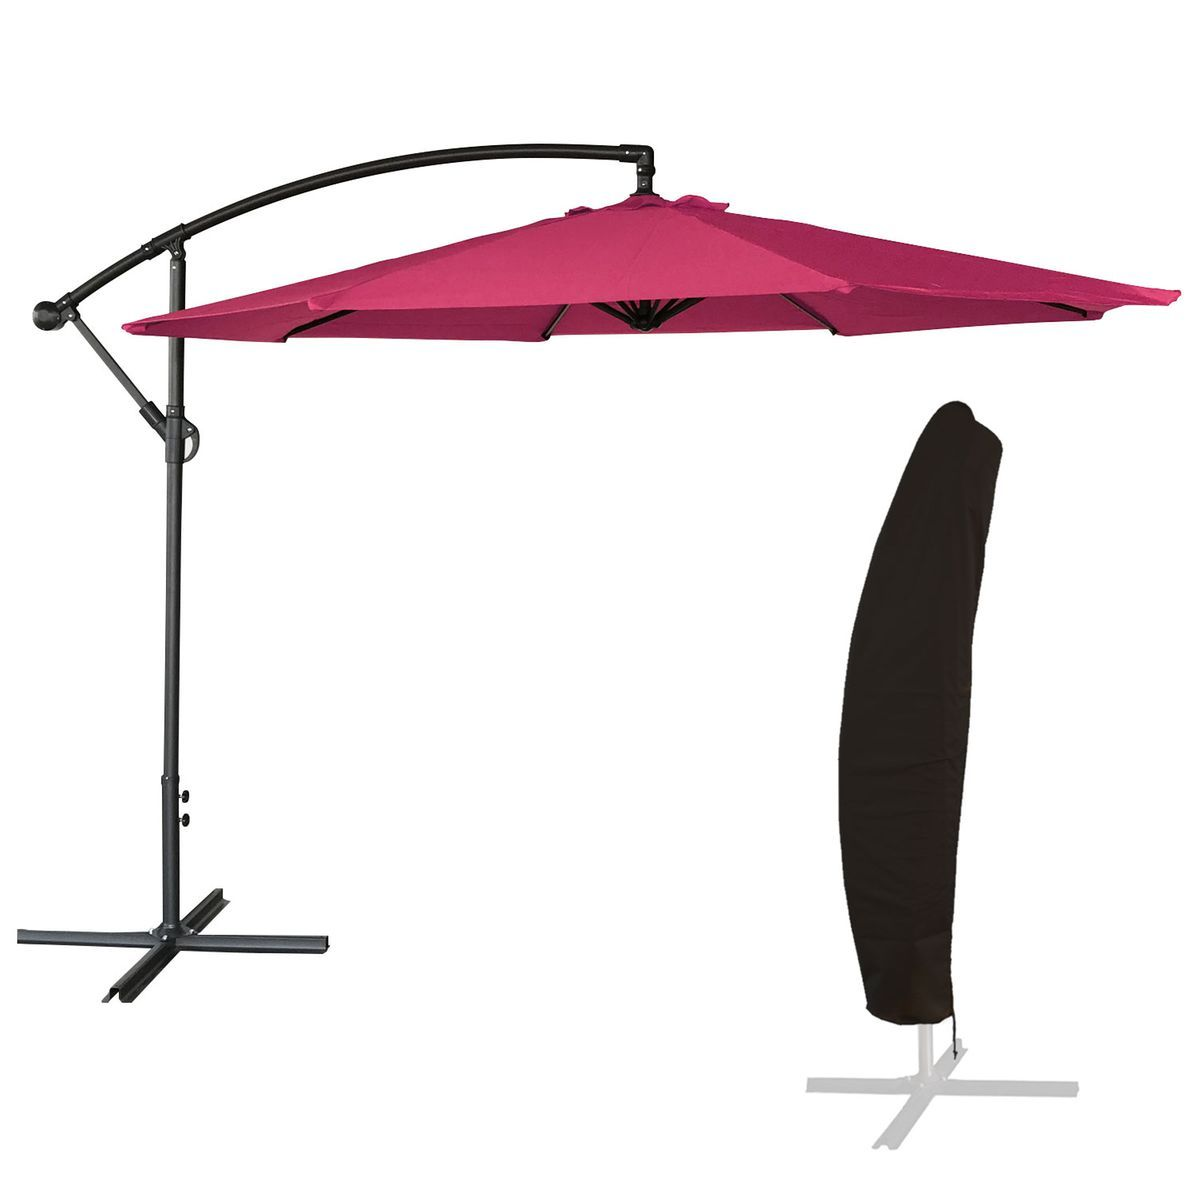 Inclinable YOUKE Parasol sans Socle Piscine Diam/ètre en Arc 2 m Ext/érieur Terrasse Bleu Balcon Droit Plage Tissu Oxford Octogonal Jardin